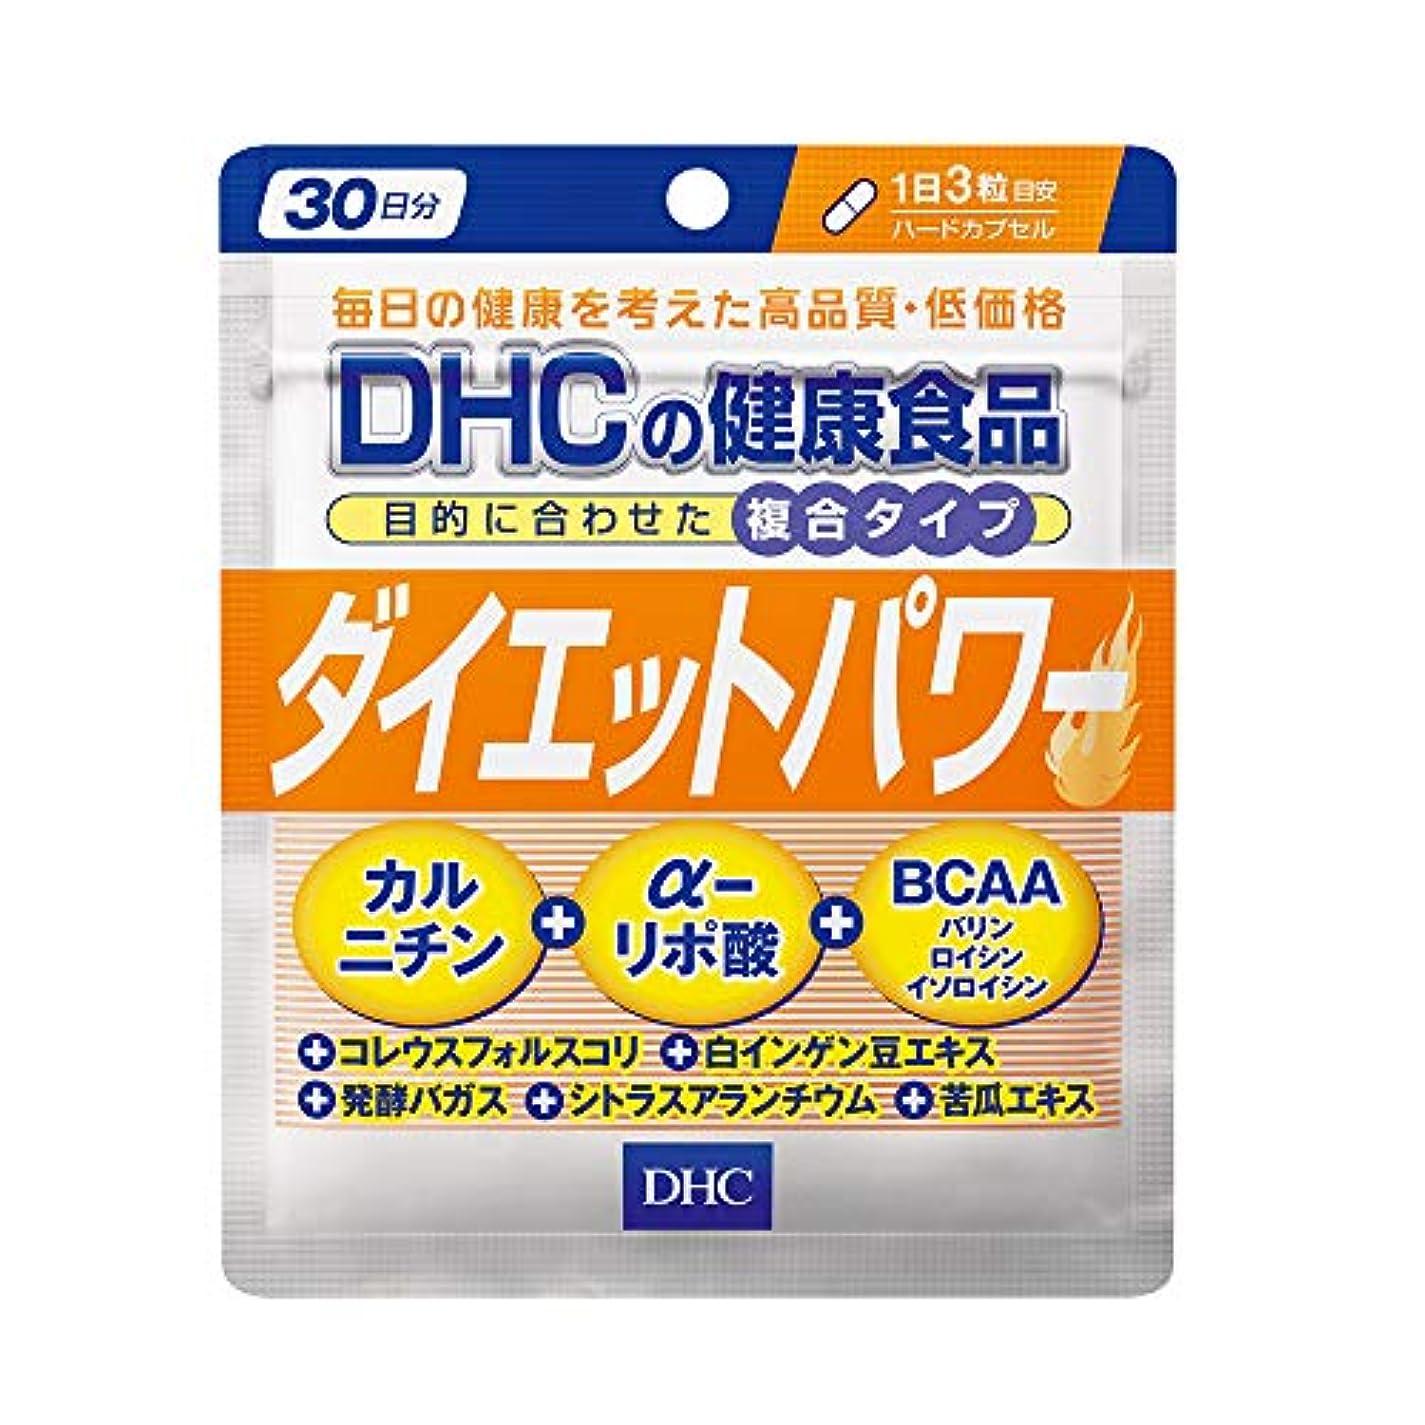 約束する誓い高揚したDHC ダイエットパワー 30日分